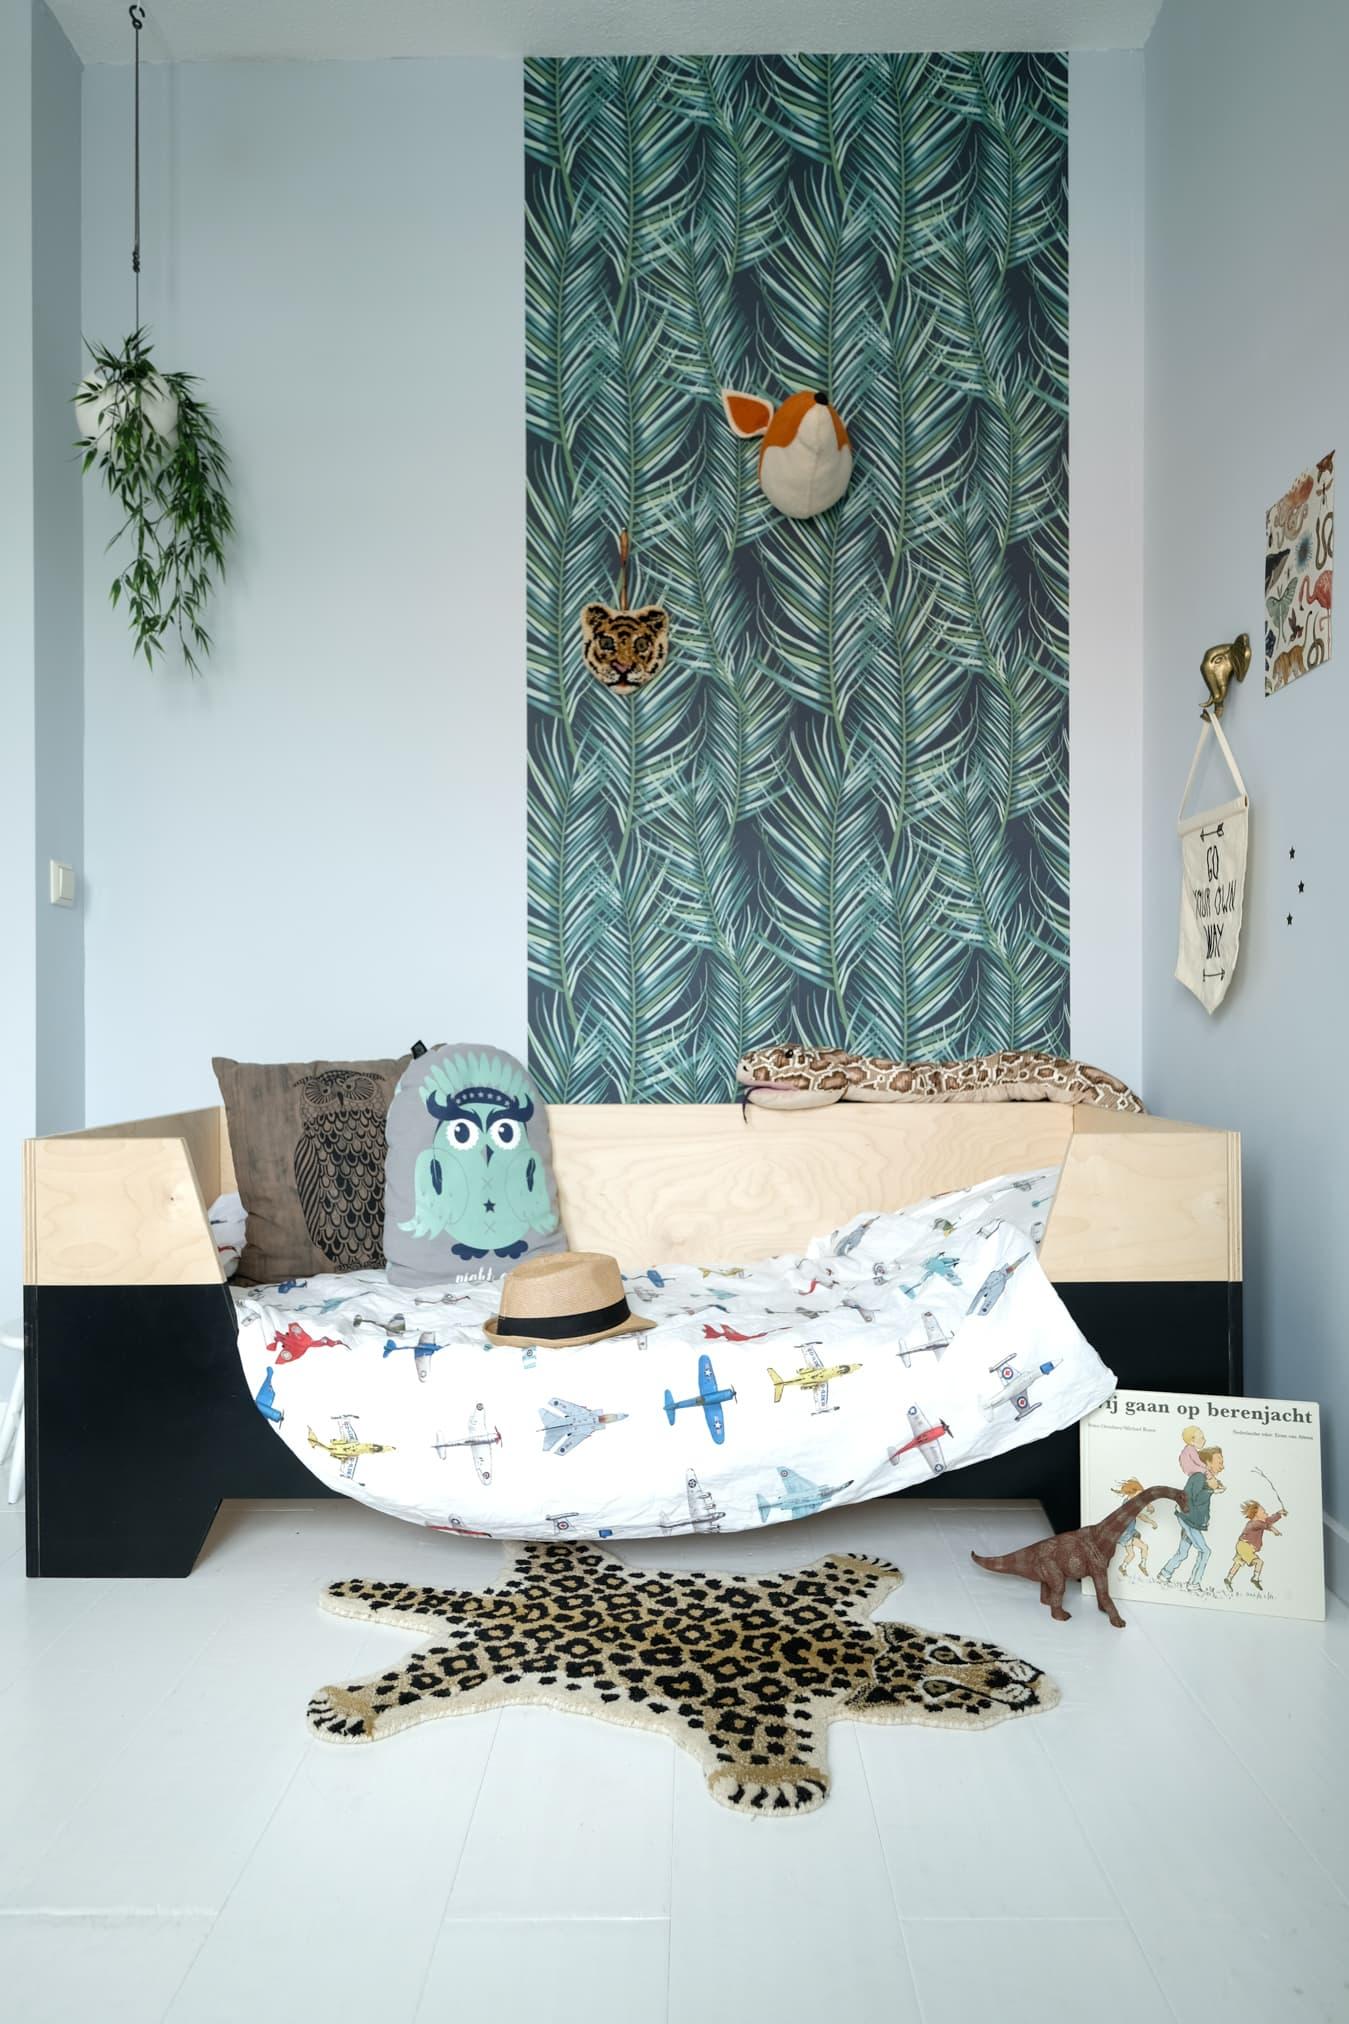 stoere jungle kamer maken